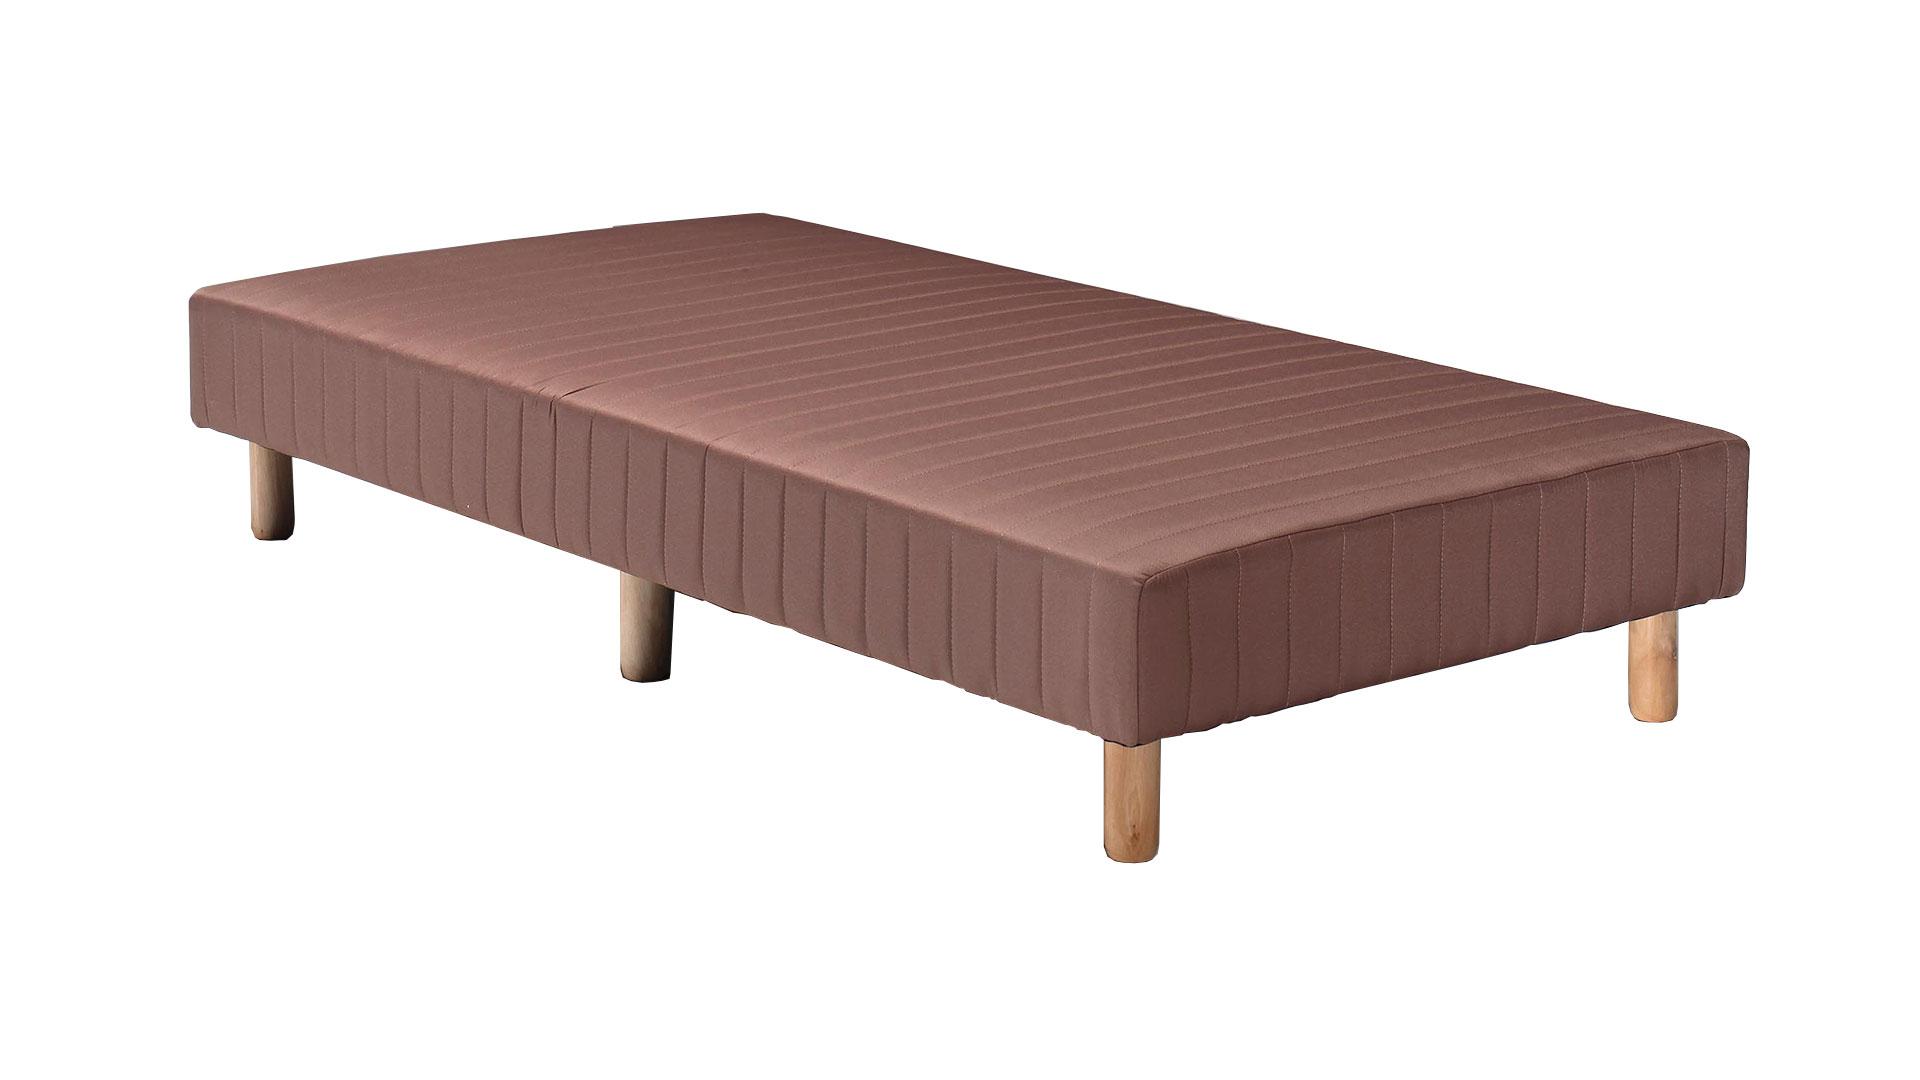 茶色のシングルサイズの脚付きマットレスベッド、ボトムベッドの画像